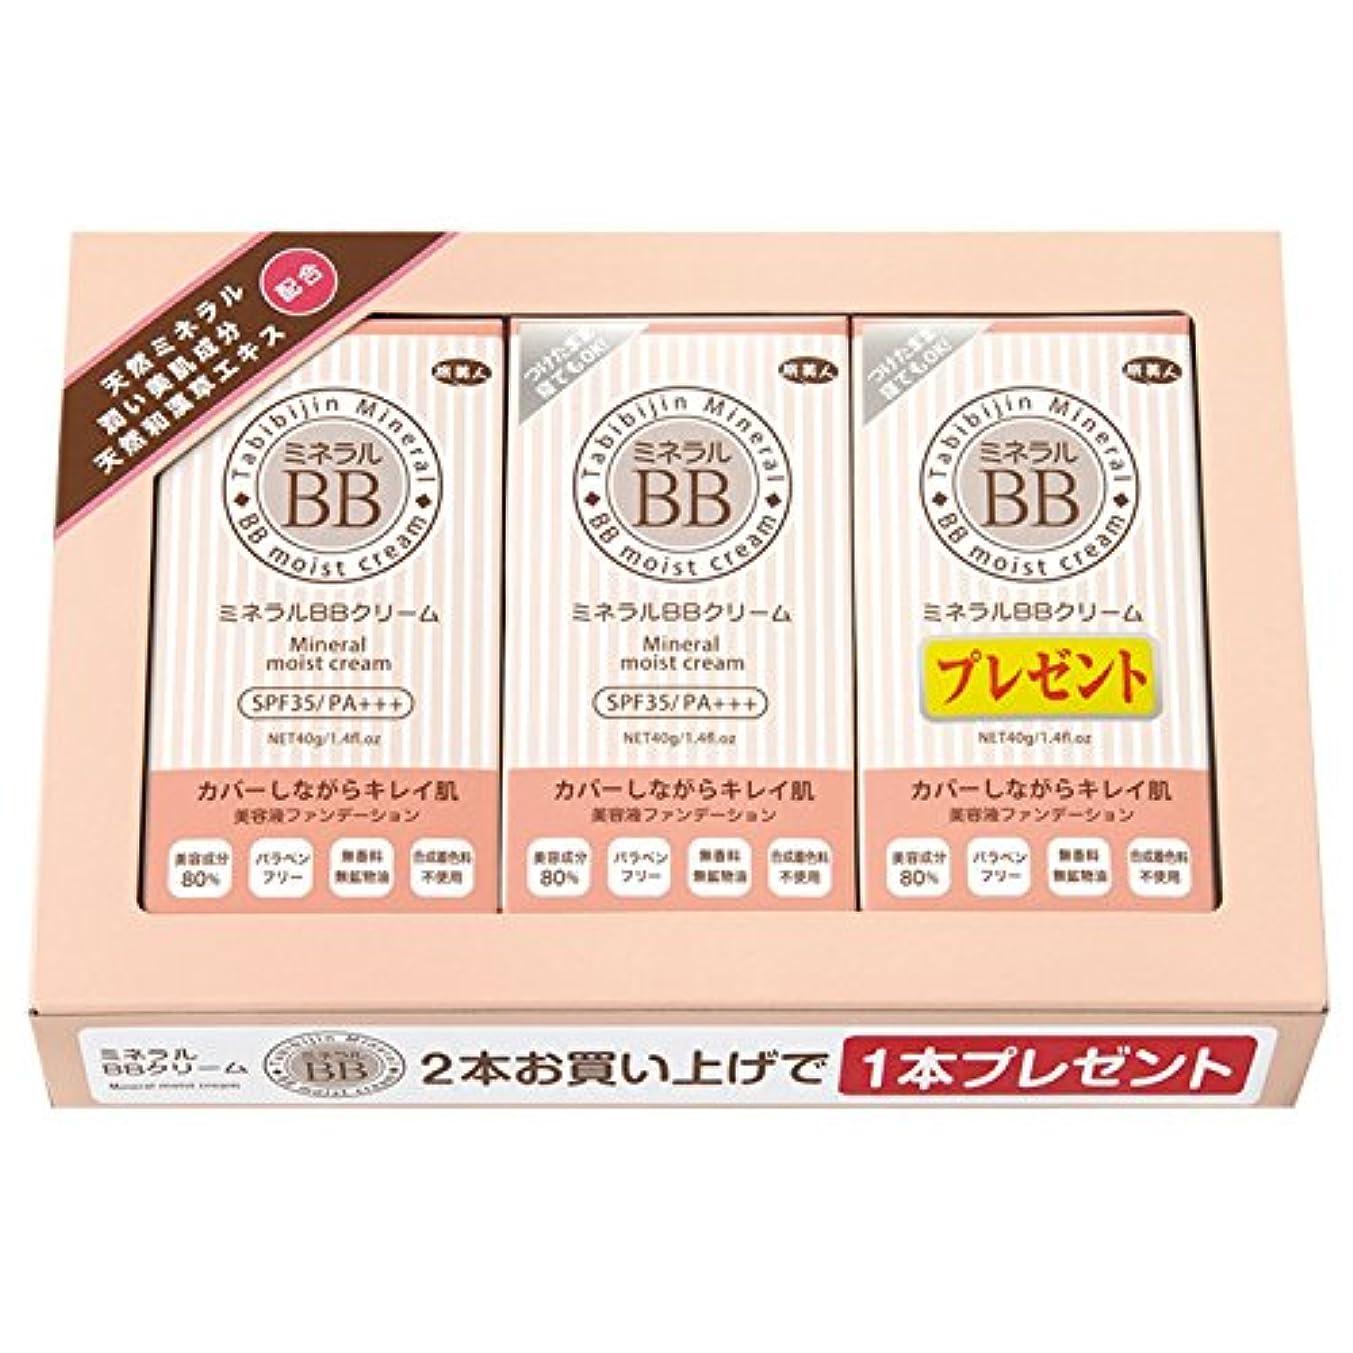 意味のあるスティックすすり泣きアズマ商事の ミネラルBBクリーム お得な 2本のお値段で3本入りセット